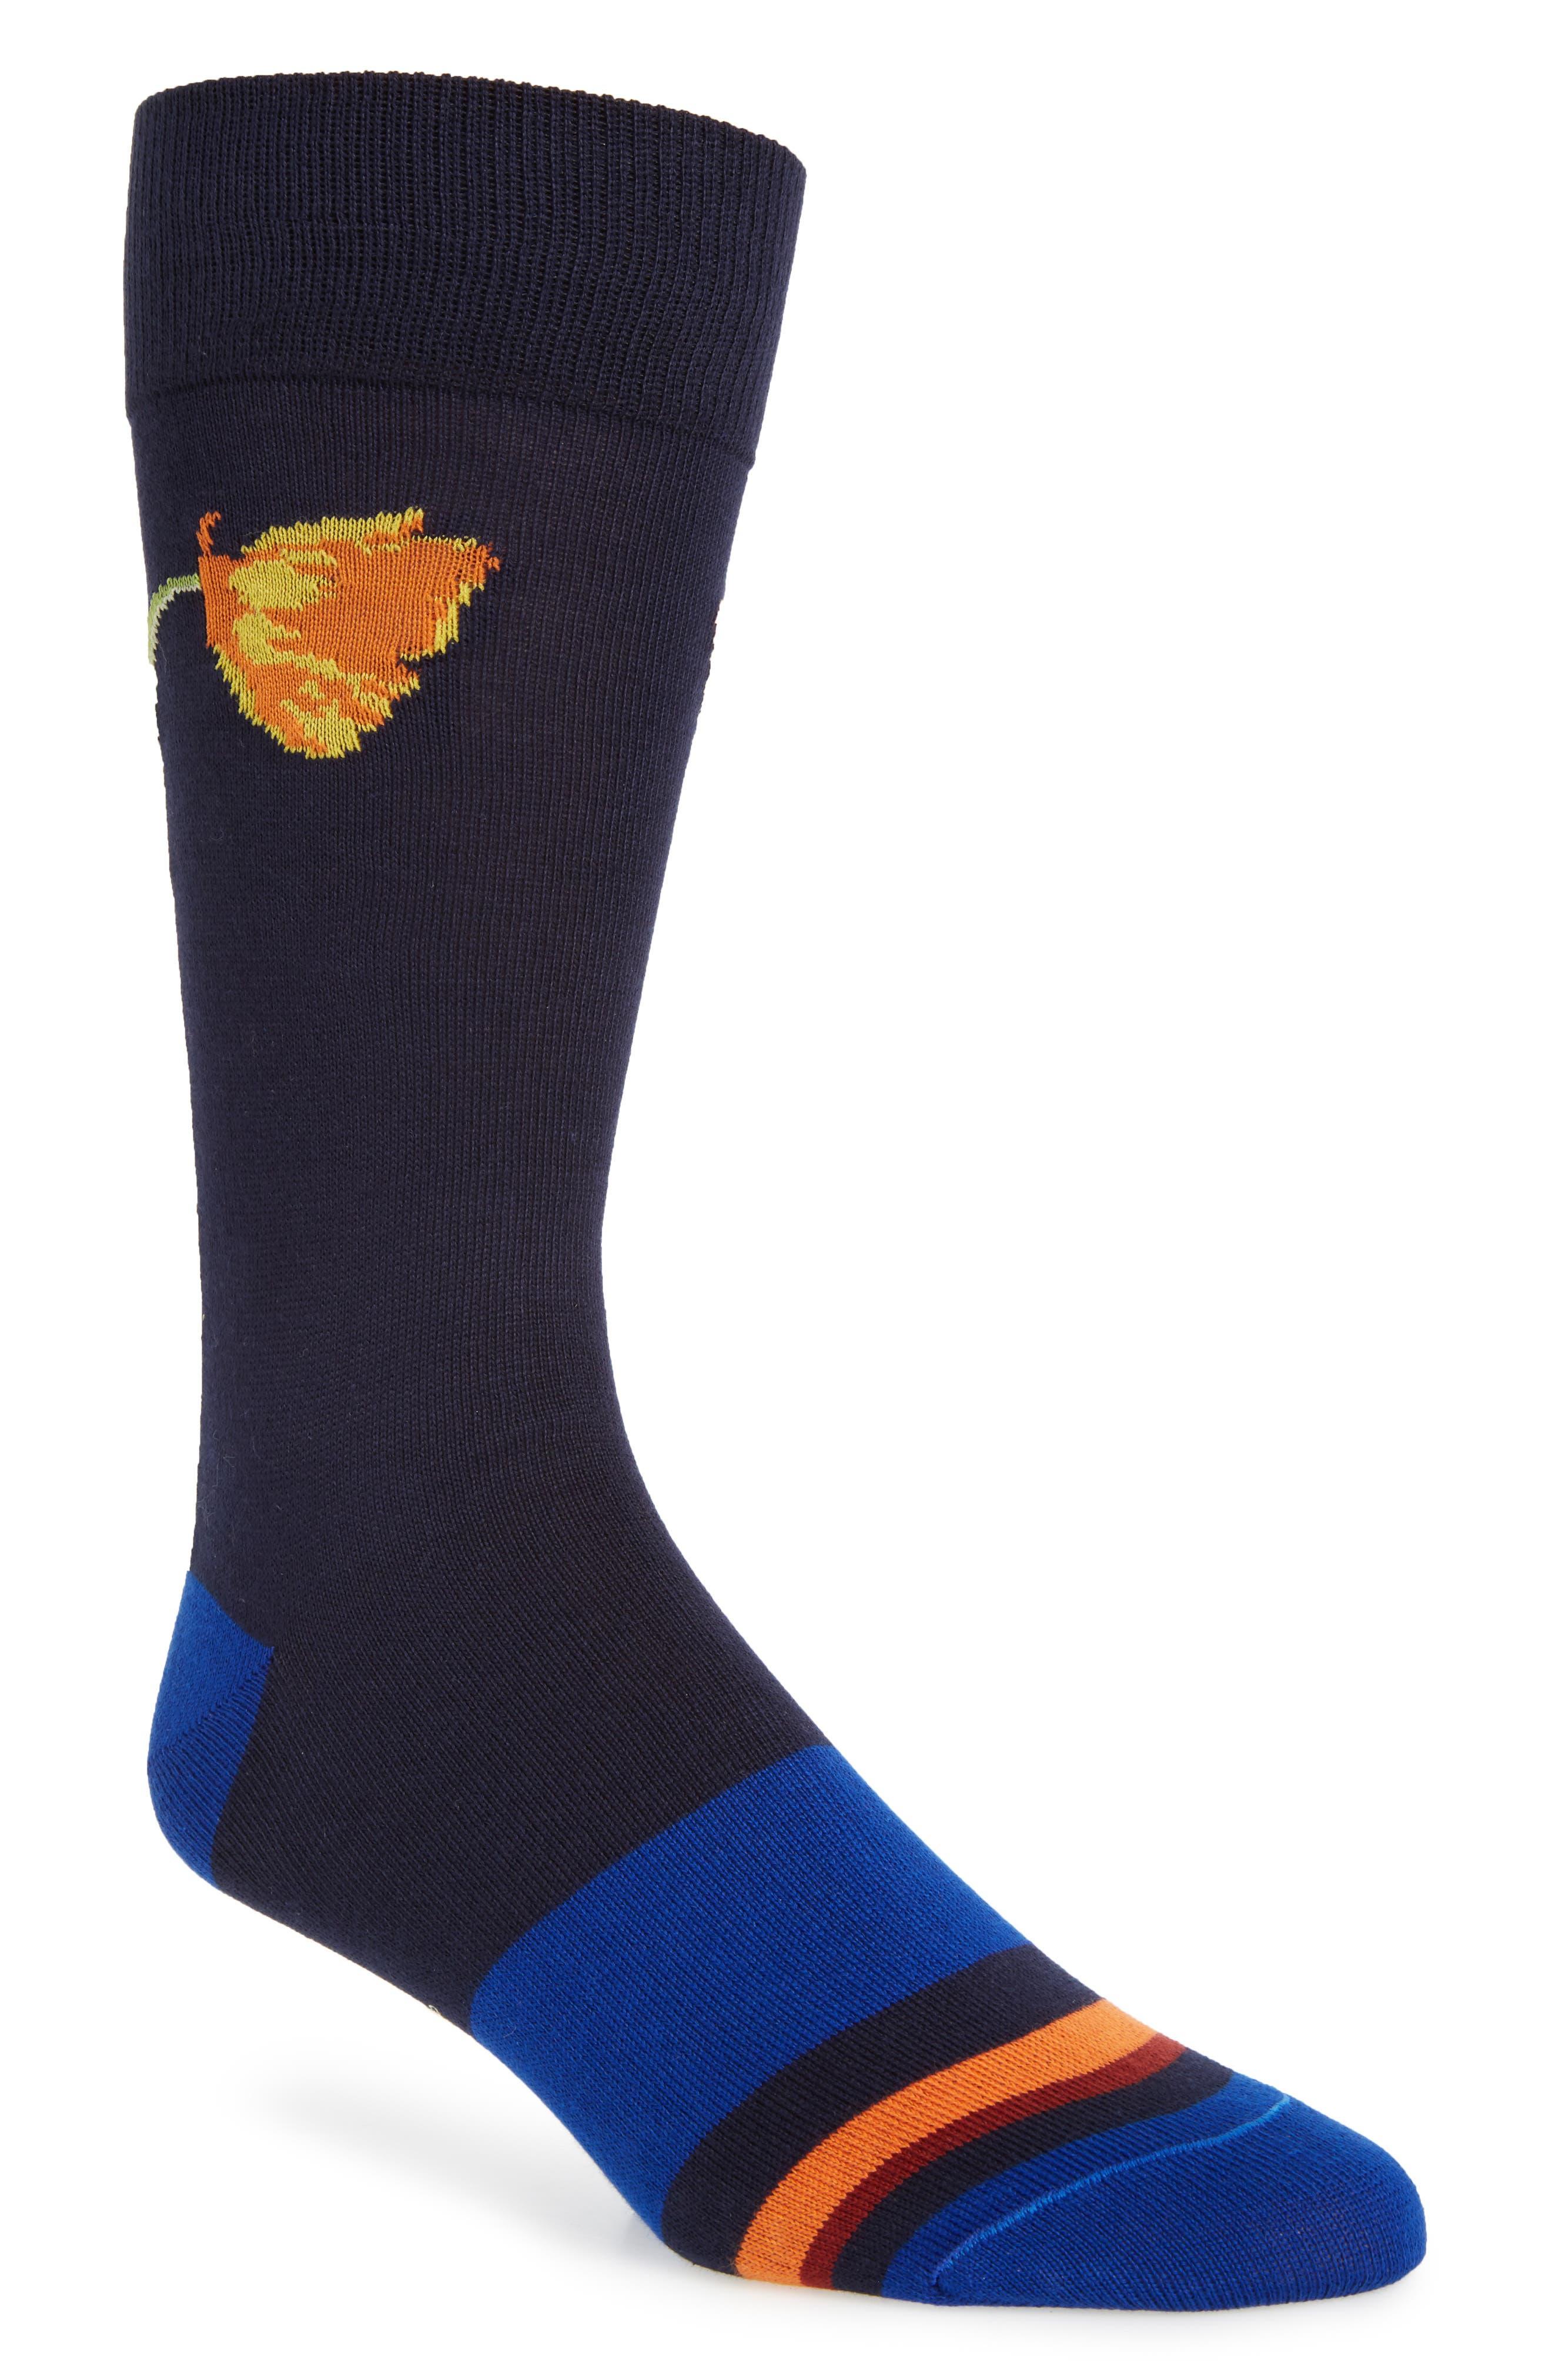 Paul Smith Mainline Floral Socks